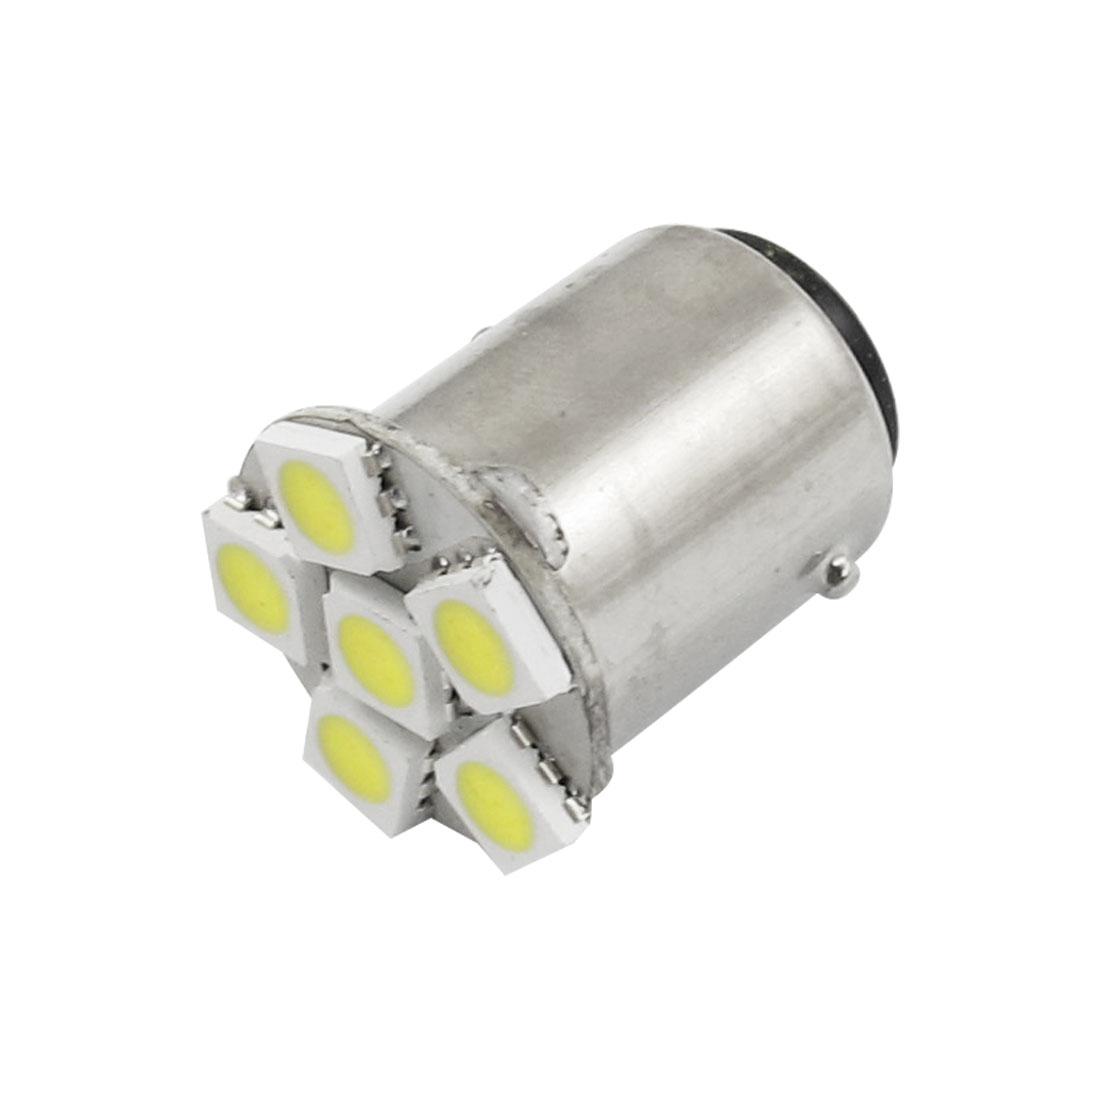 BA15D 1157 White 5050 SMD 6 LED Turn Signal Light Bulbs for Auto